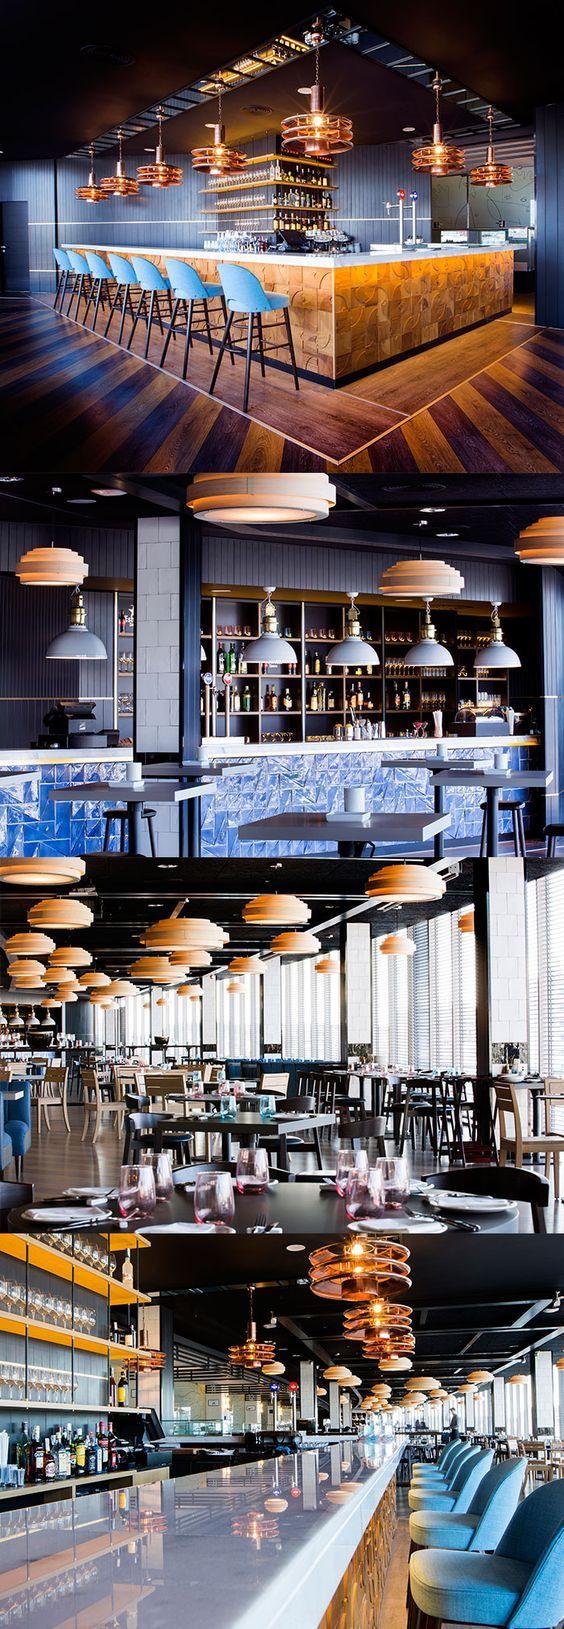 Innenarchitektur der home-lobby  best bars u clubs images on pinterest  bakery design bakery